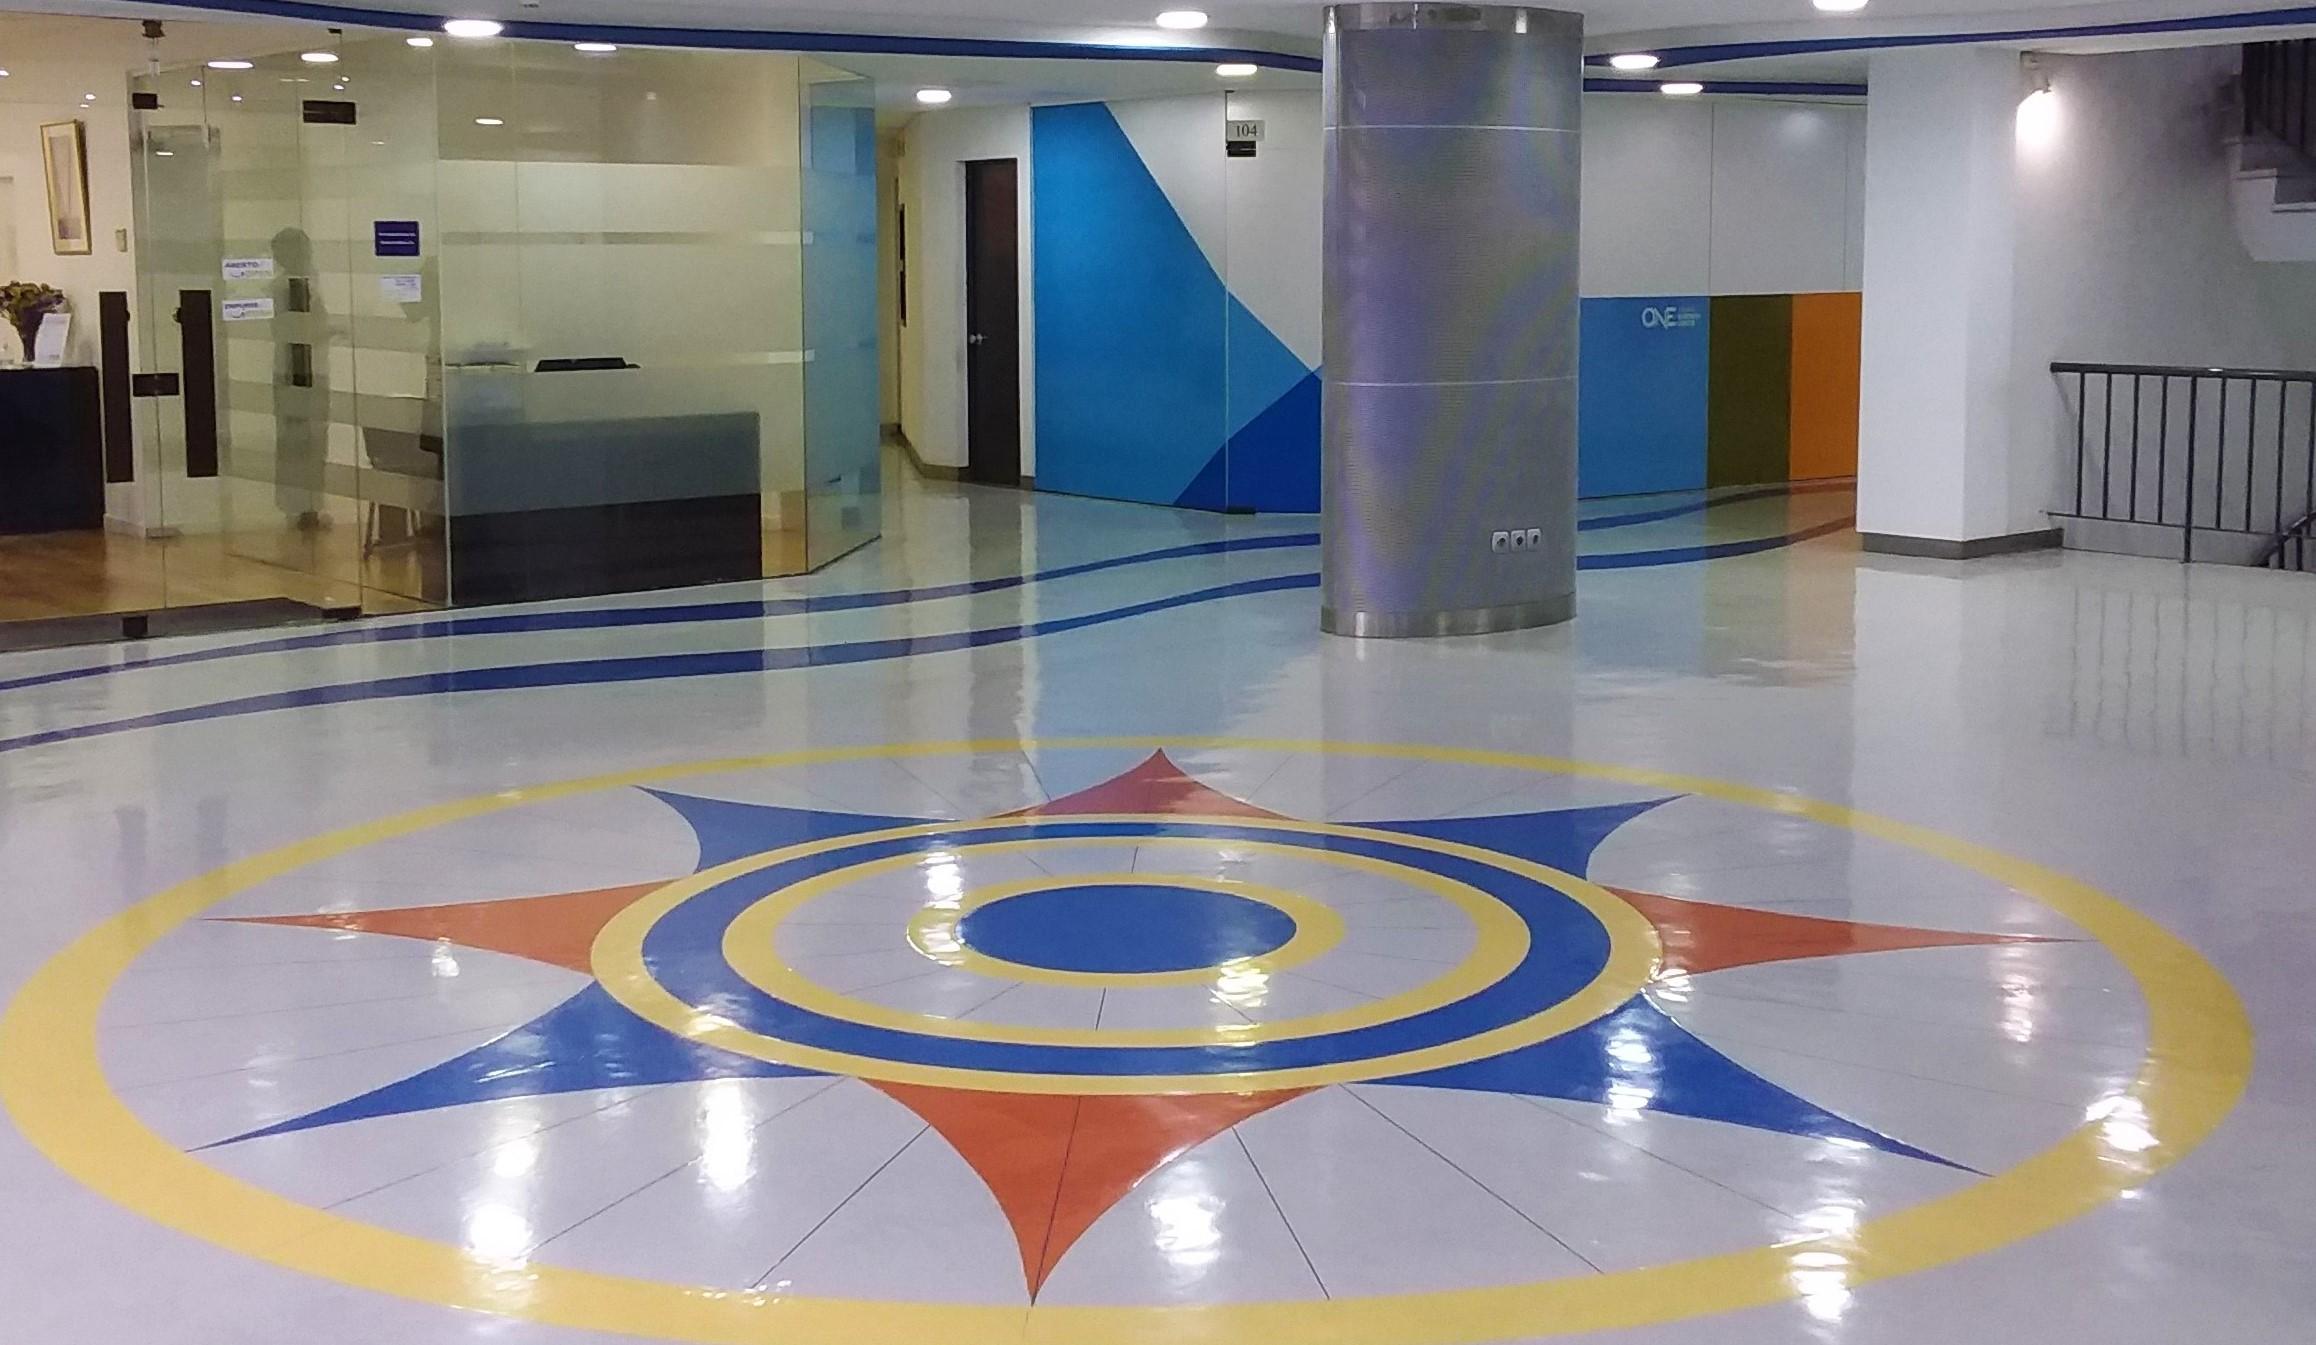 praça piso 1